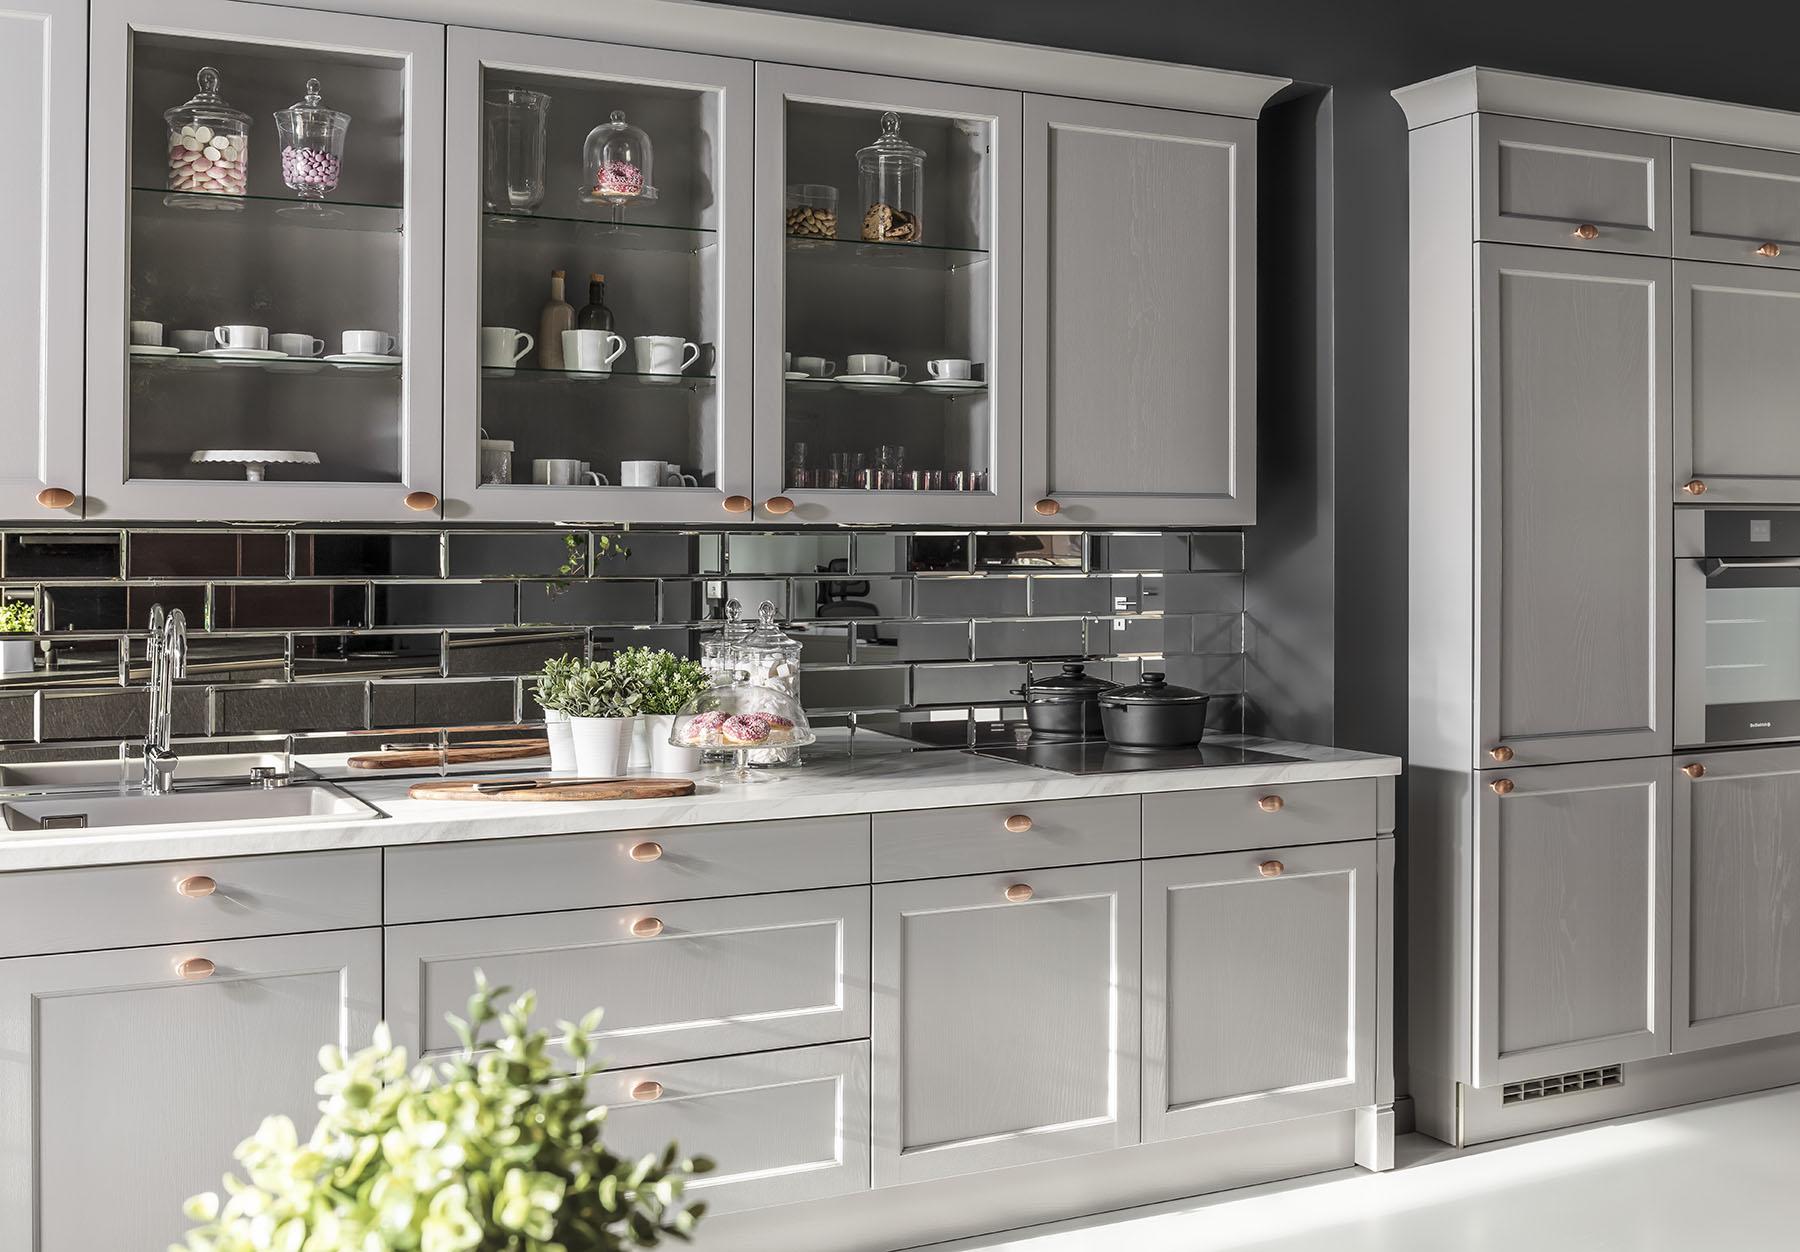 Meble kuchenne Bristol - szuflady i witryna - kuchnie w ofercie SAS Wnętrza i Kuchnie